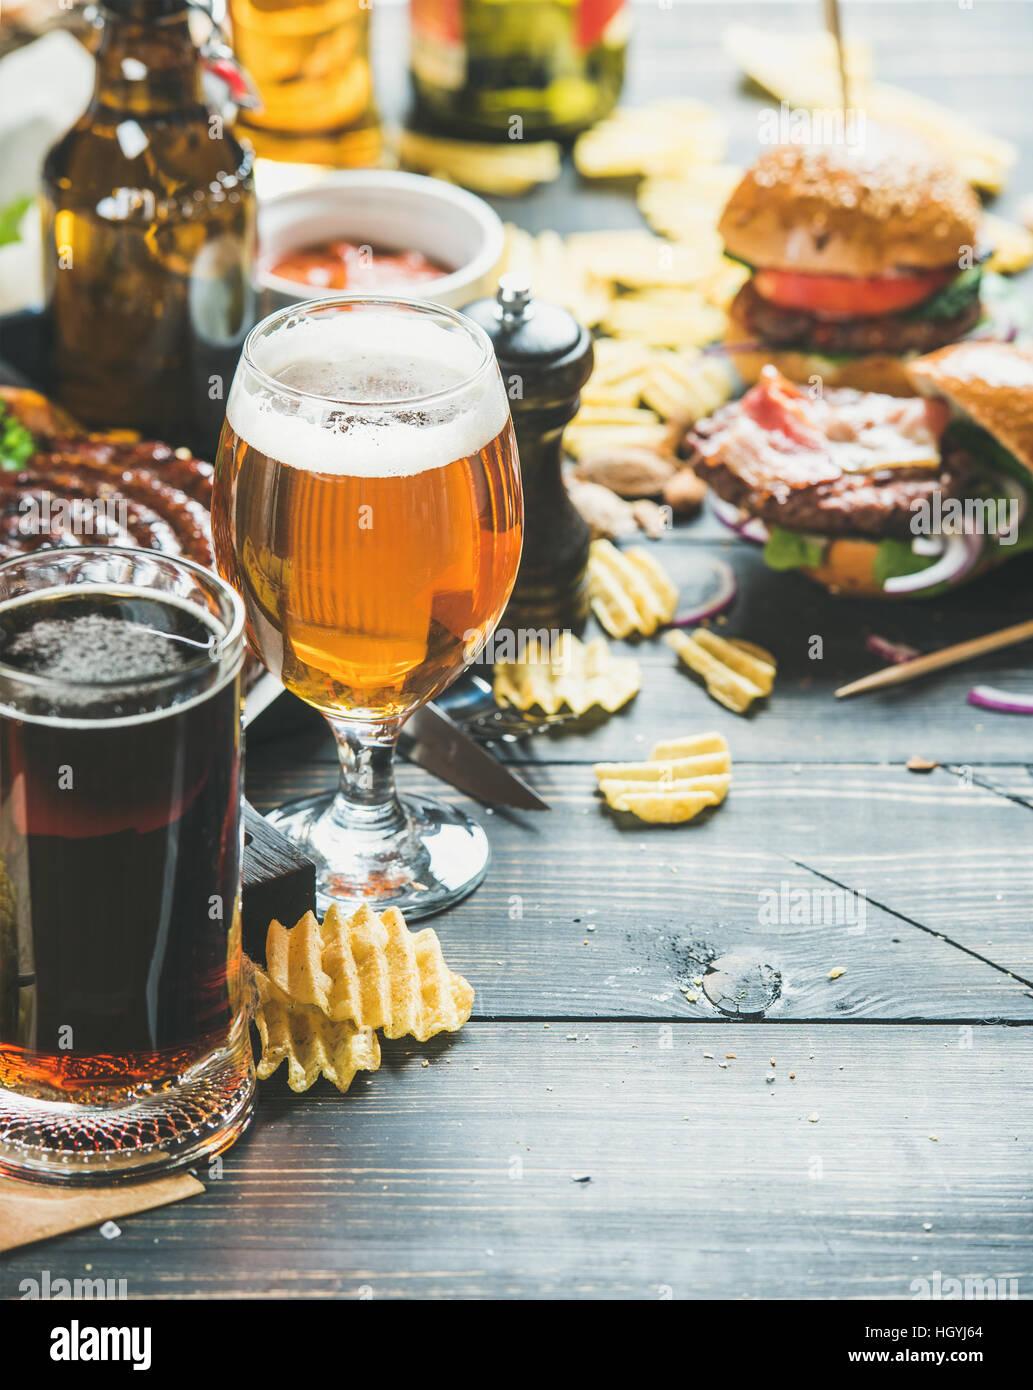 Bier und Brotzeit Vielfalt auf dunklem Holz verbrannte Hintergrund Stockbild